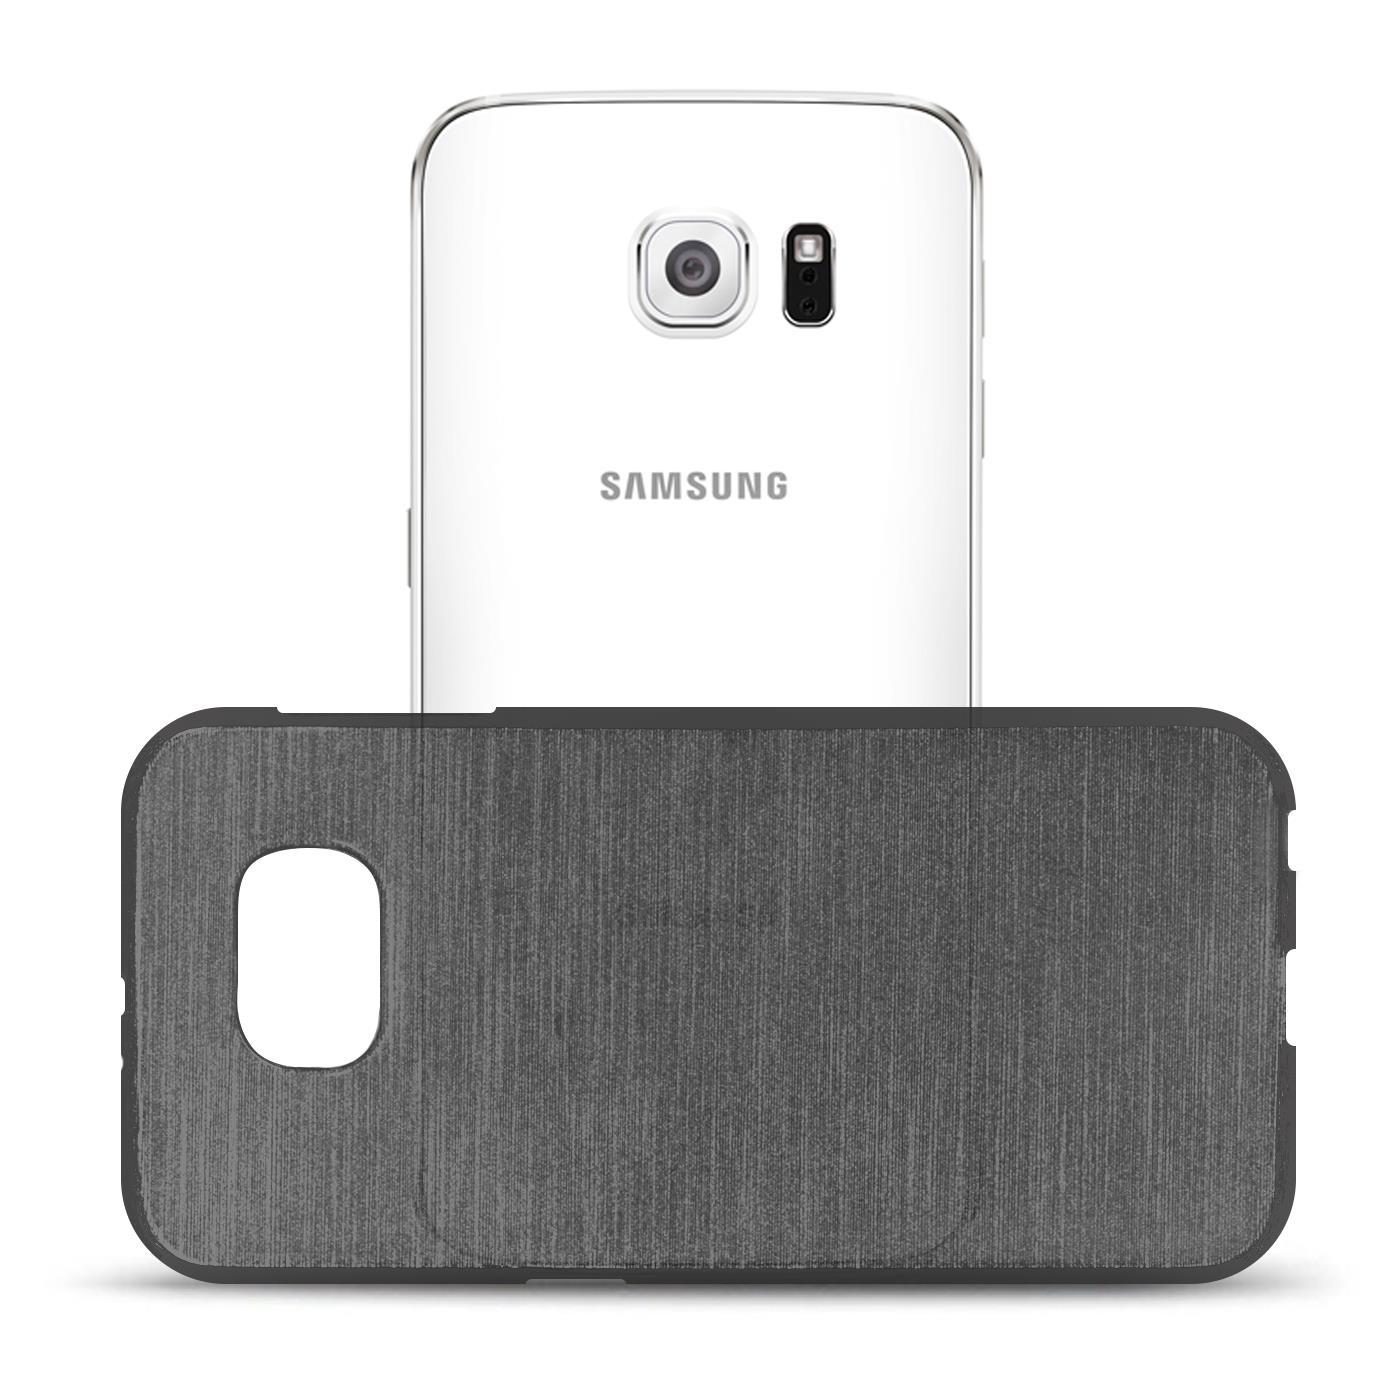 Silikon-Bumper-Case-fuer-Samsung-Galaxy-s6-duenne-ultra-slim-Stossfeste-Rueckschale Indexbild 8